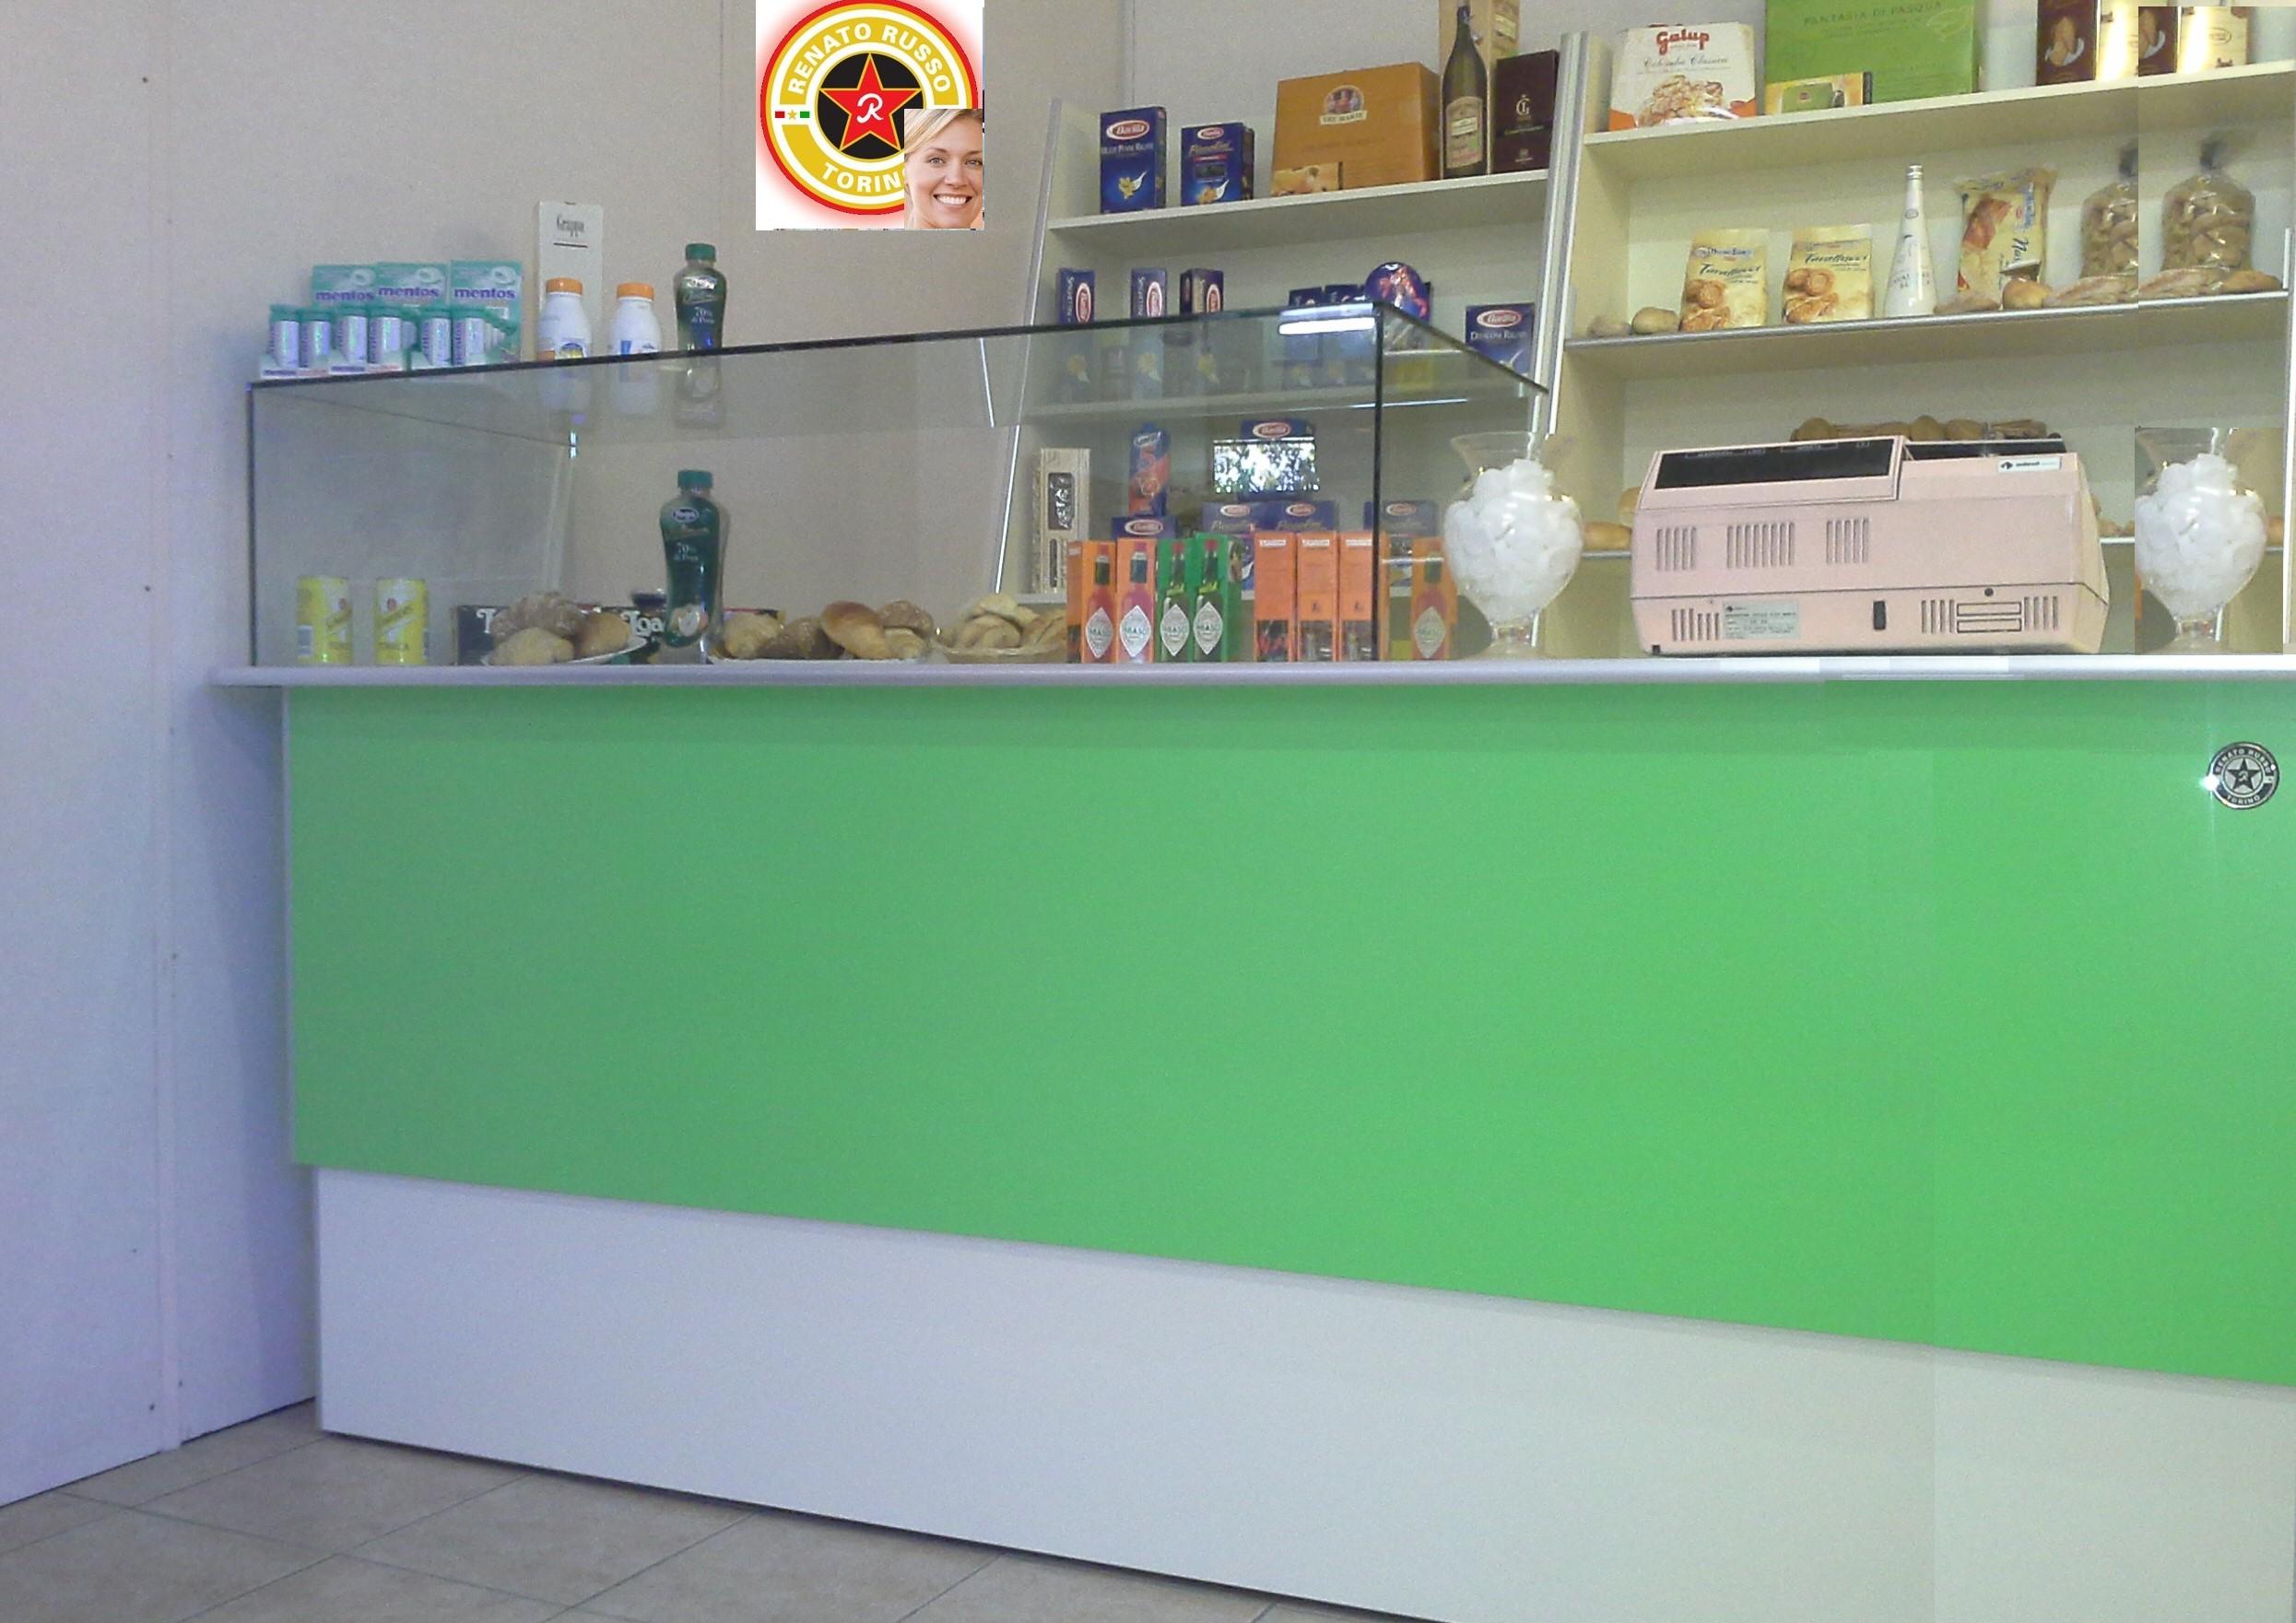 Arredamenti per panetterie compra in fabbrica vedi for Renato russo arredamenti